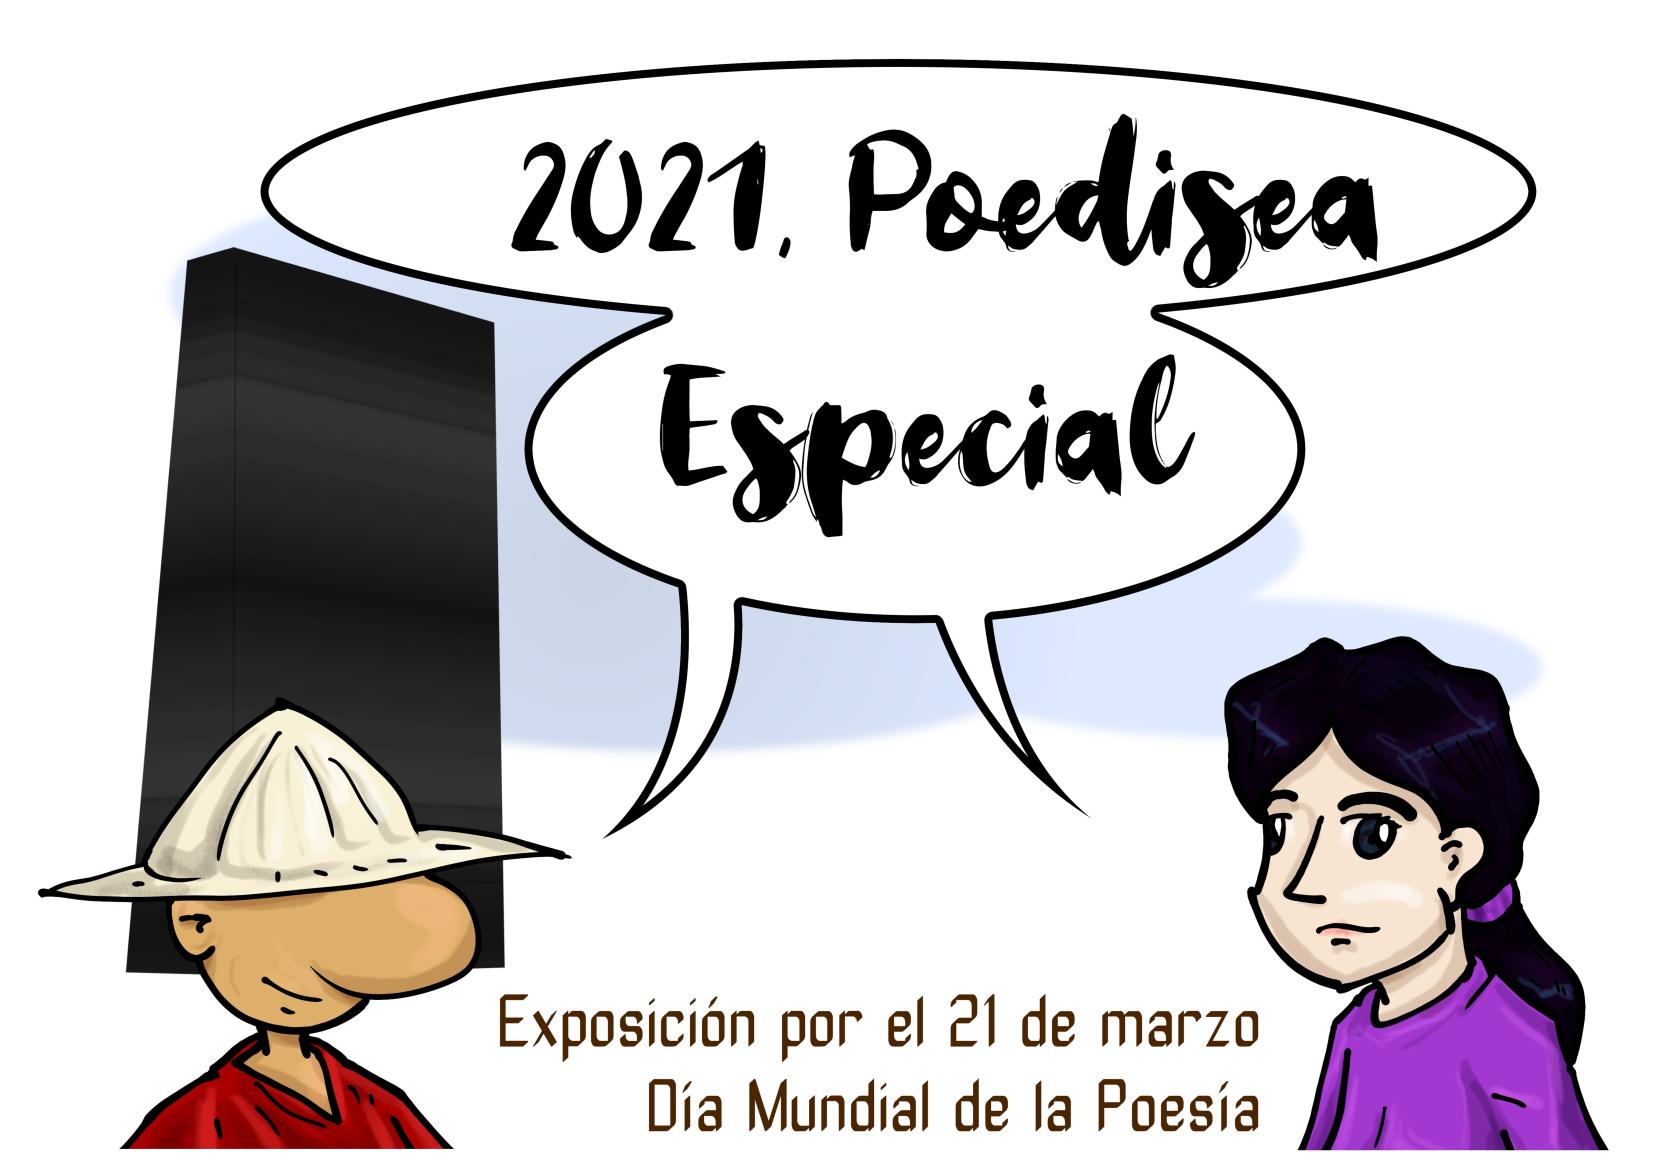 """PArrita e Igualito, personajes de Cómic, dicen el título de la exposición: """"2021, Poedisea Especial"""""""